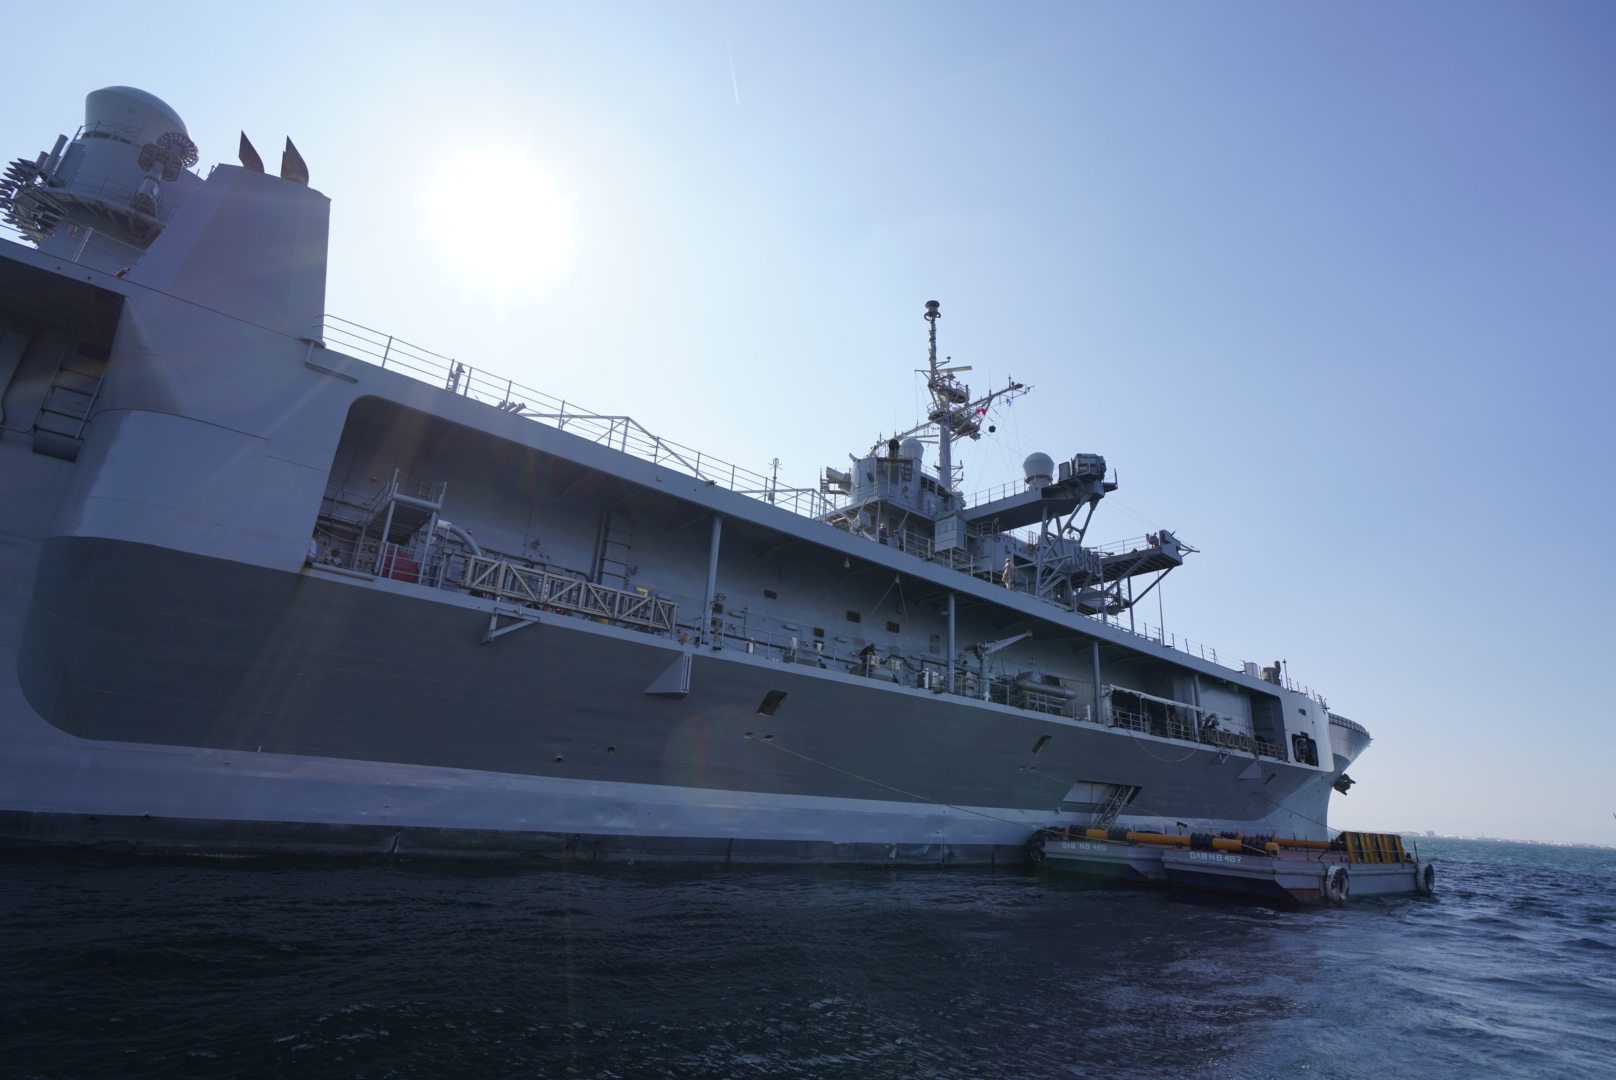 Στη Θεσσαλονίκη το πλέον σύγχρονο πλοίο διοίκησης του στόλου του  Αμερικανικού Ναυτικού. 269be3e2f30